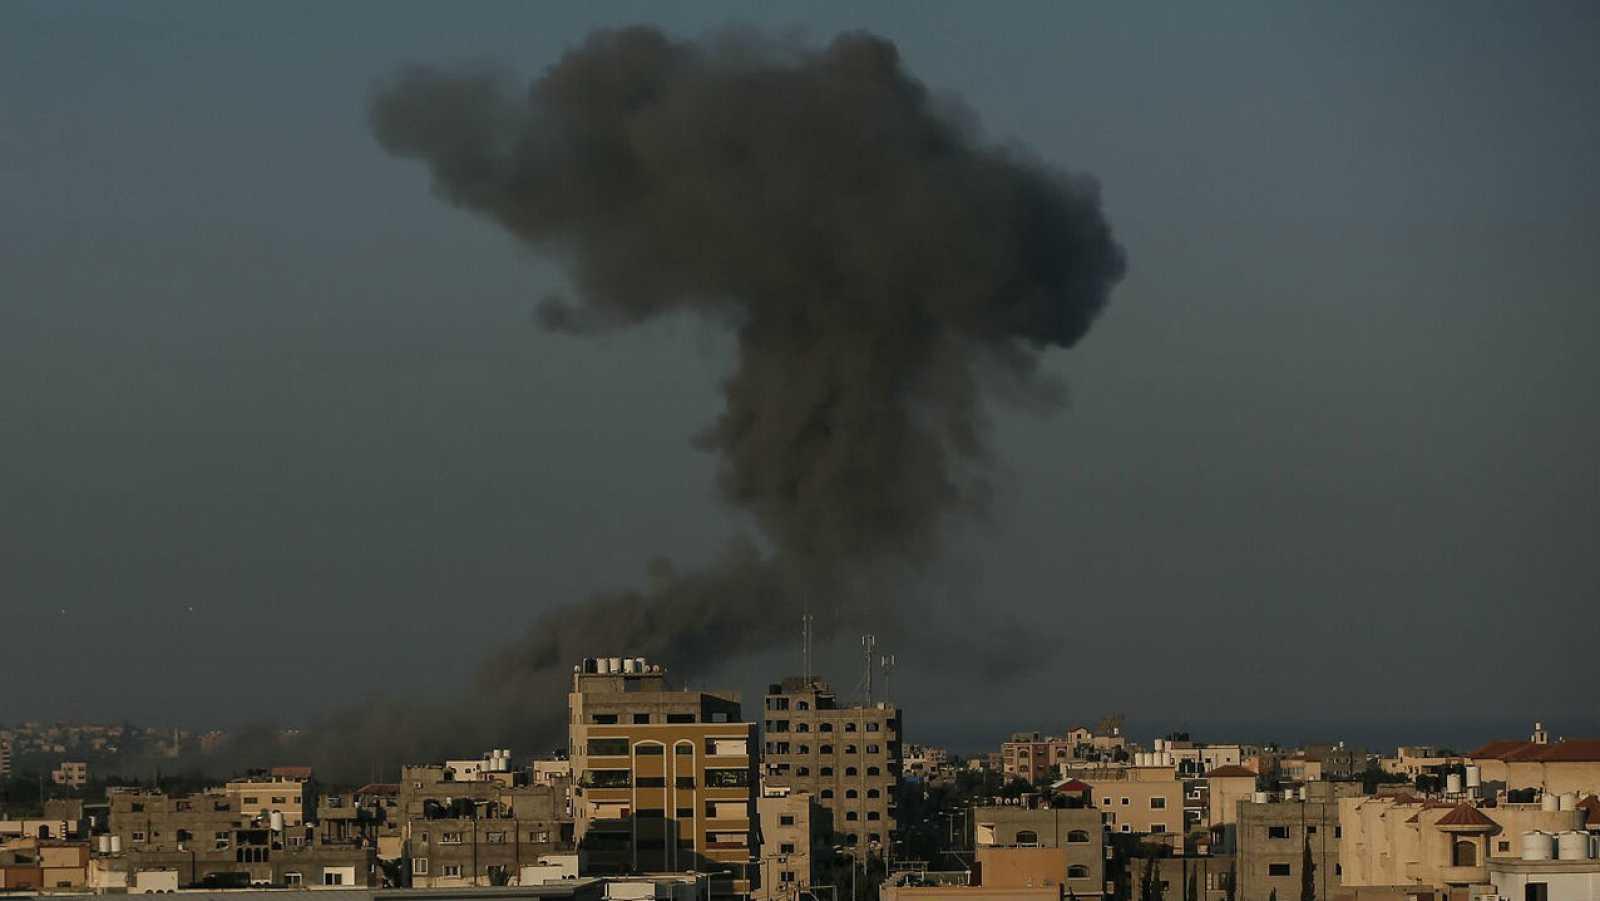 Humo entre edificios después de que aviones de guerra pertenecientes al ejército israelí llevaran a cabo ataques aéreos sobre la ciudad de Gaza.